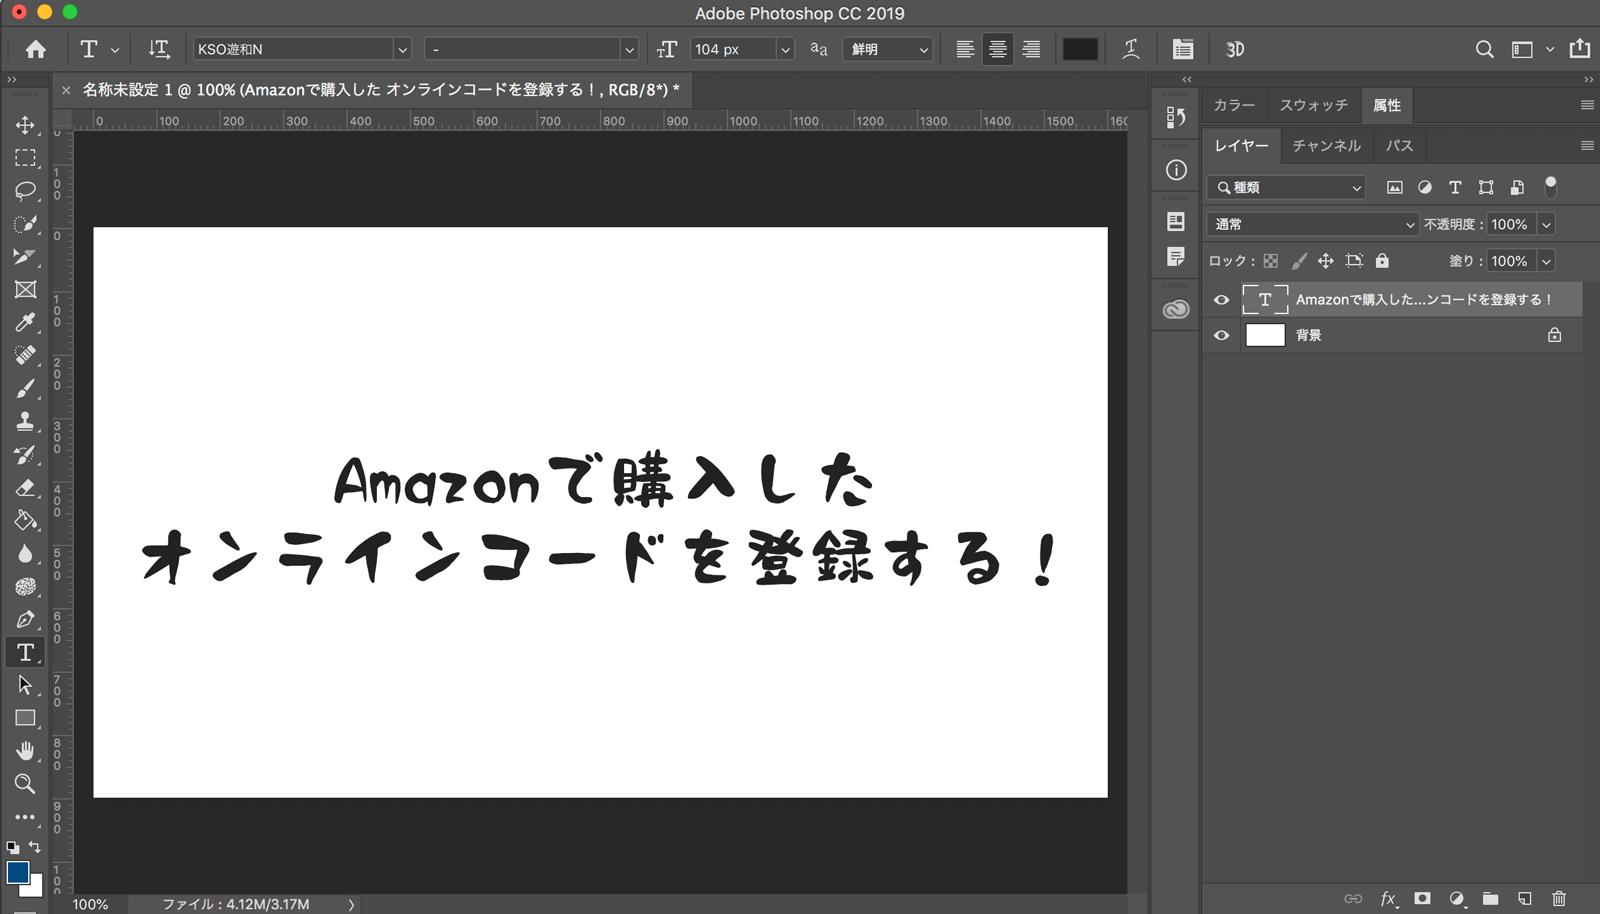 Amazonで買ったAdobe Photoshop CCやIllustrator CCのオンラインコードをアカウントに登録する方法